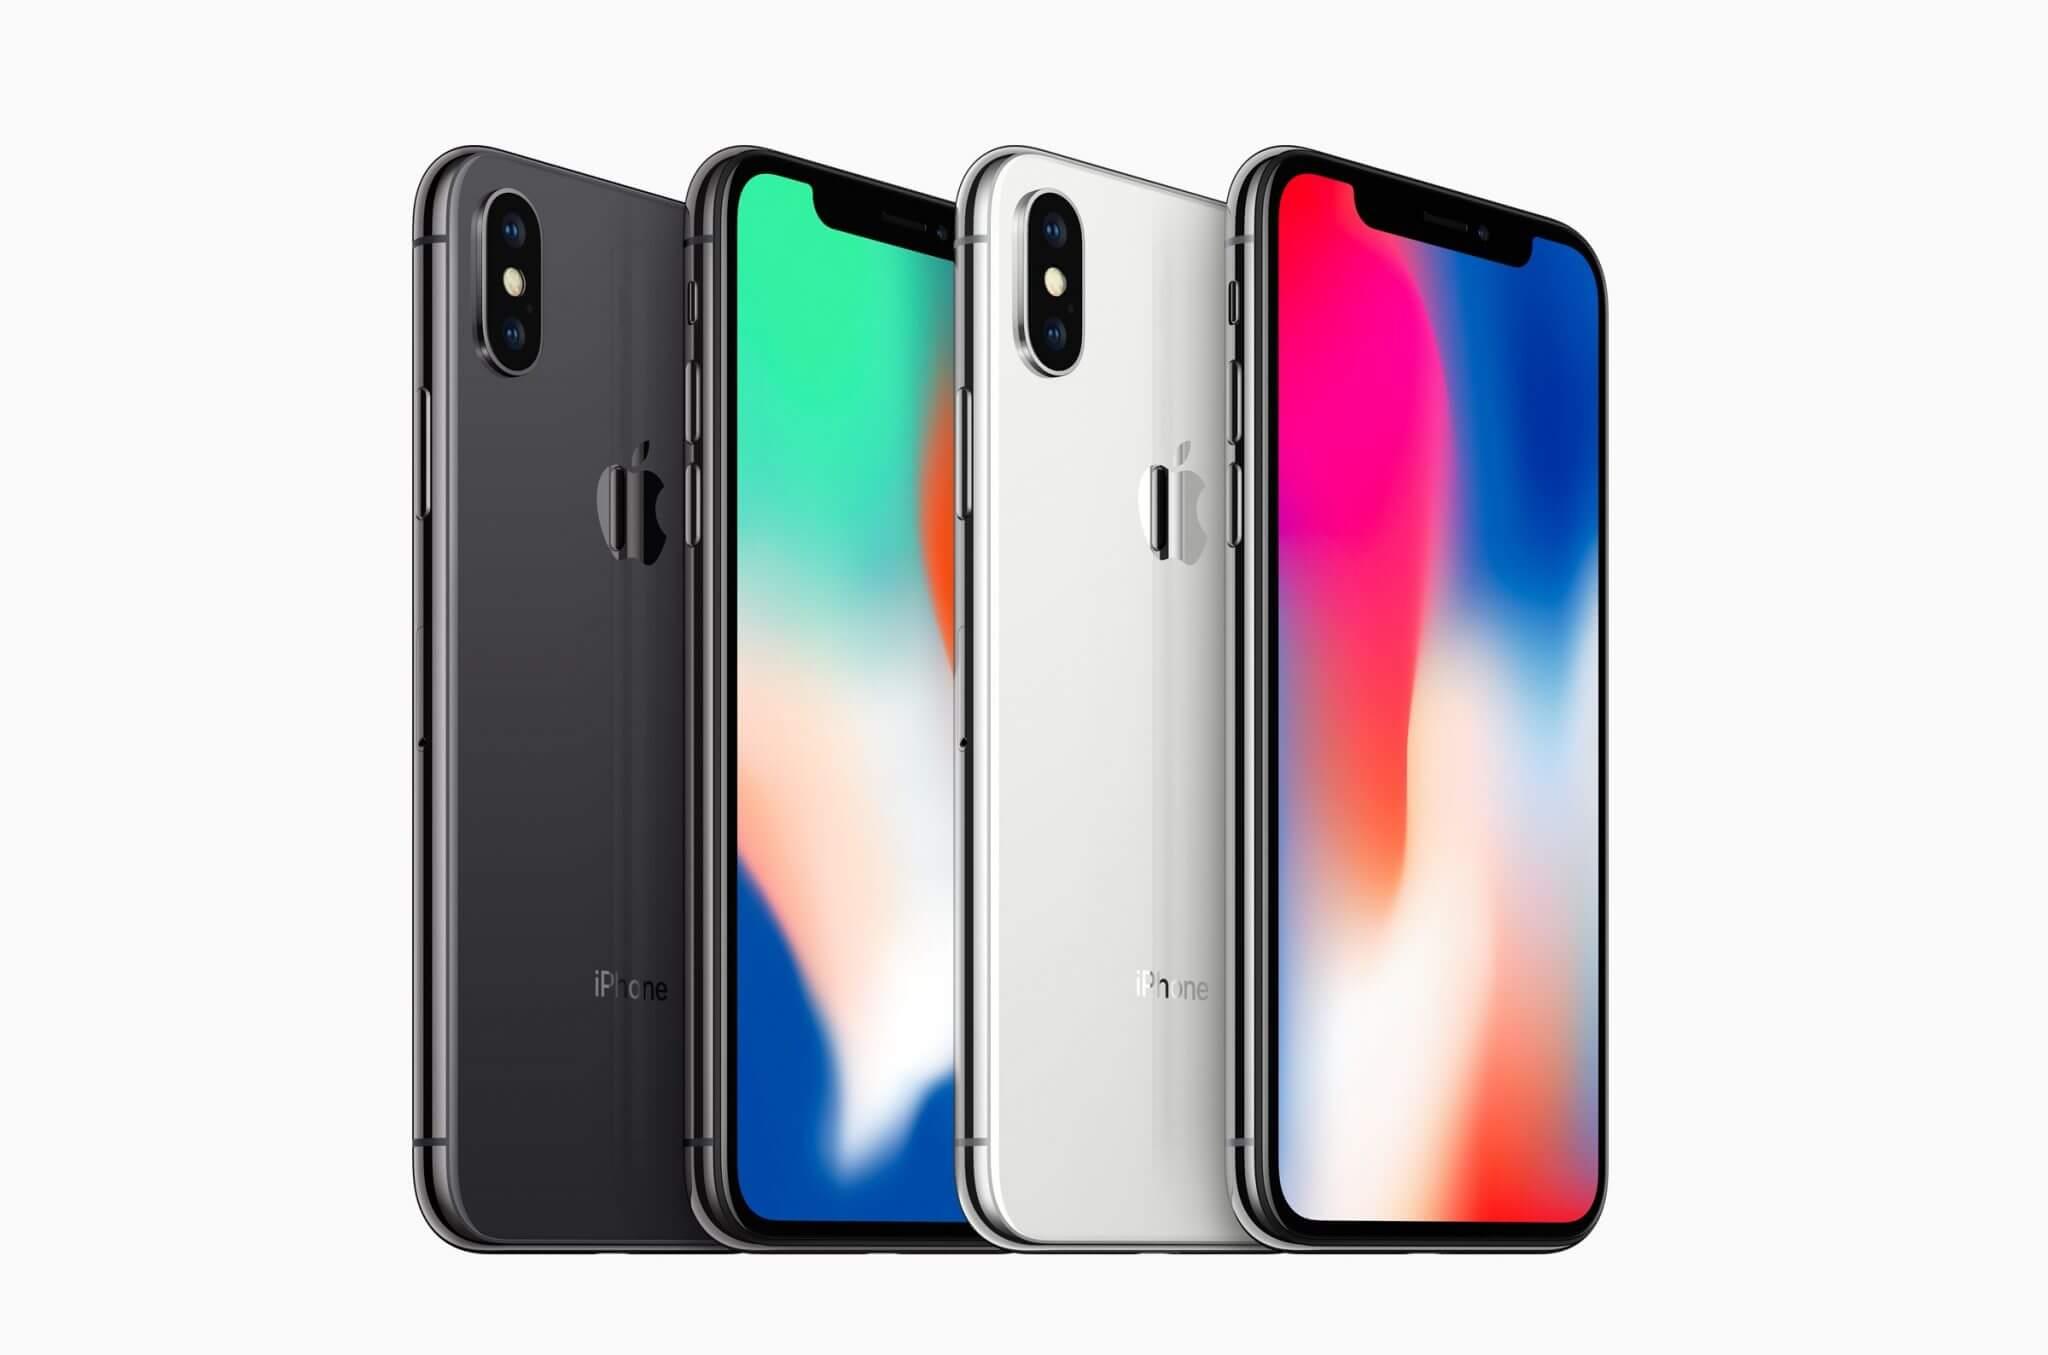 iPhone X family line up - iPhone X tem pré-venda iniciada nos EUA; 8 e 8 Plus chegam ao Brasil